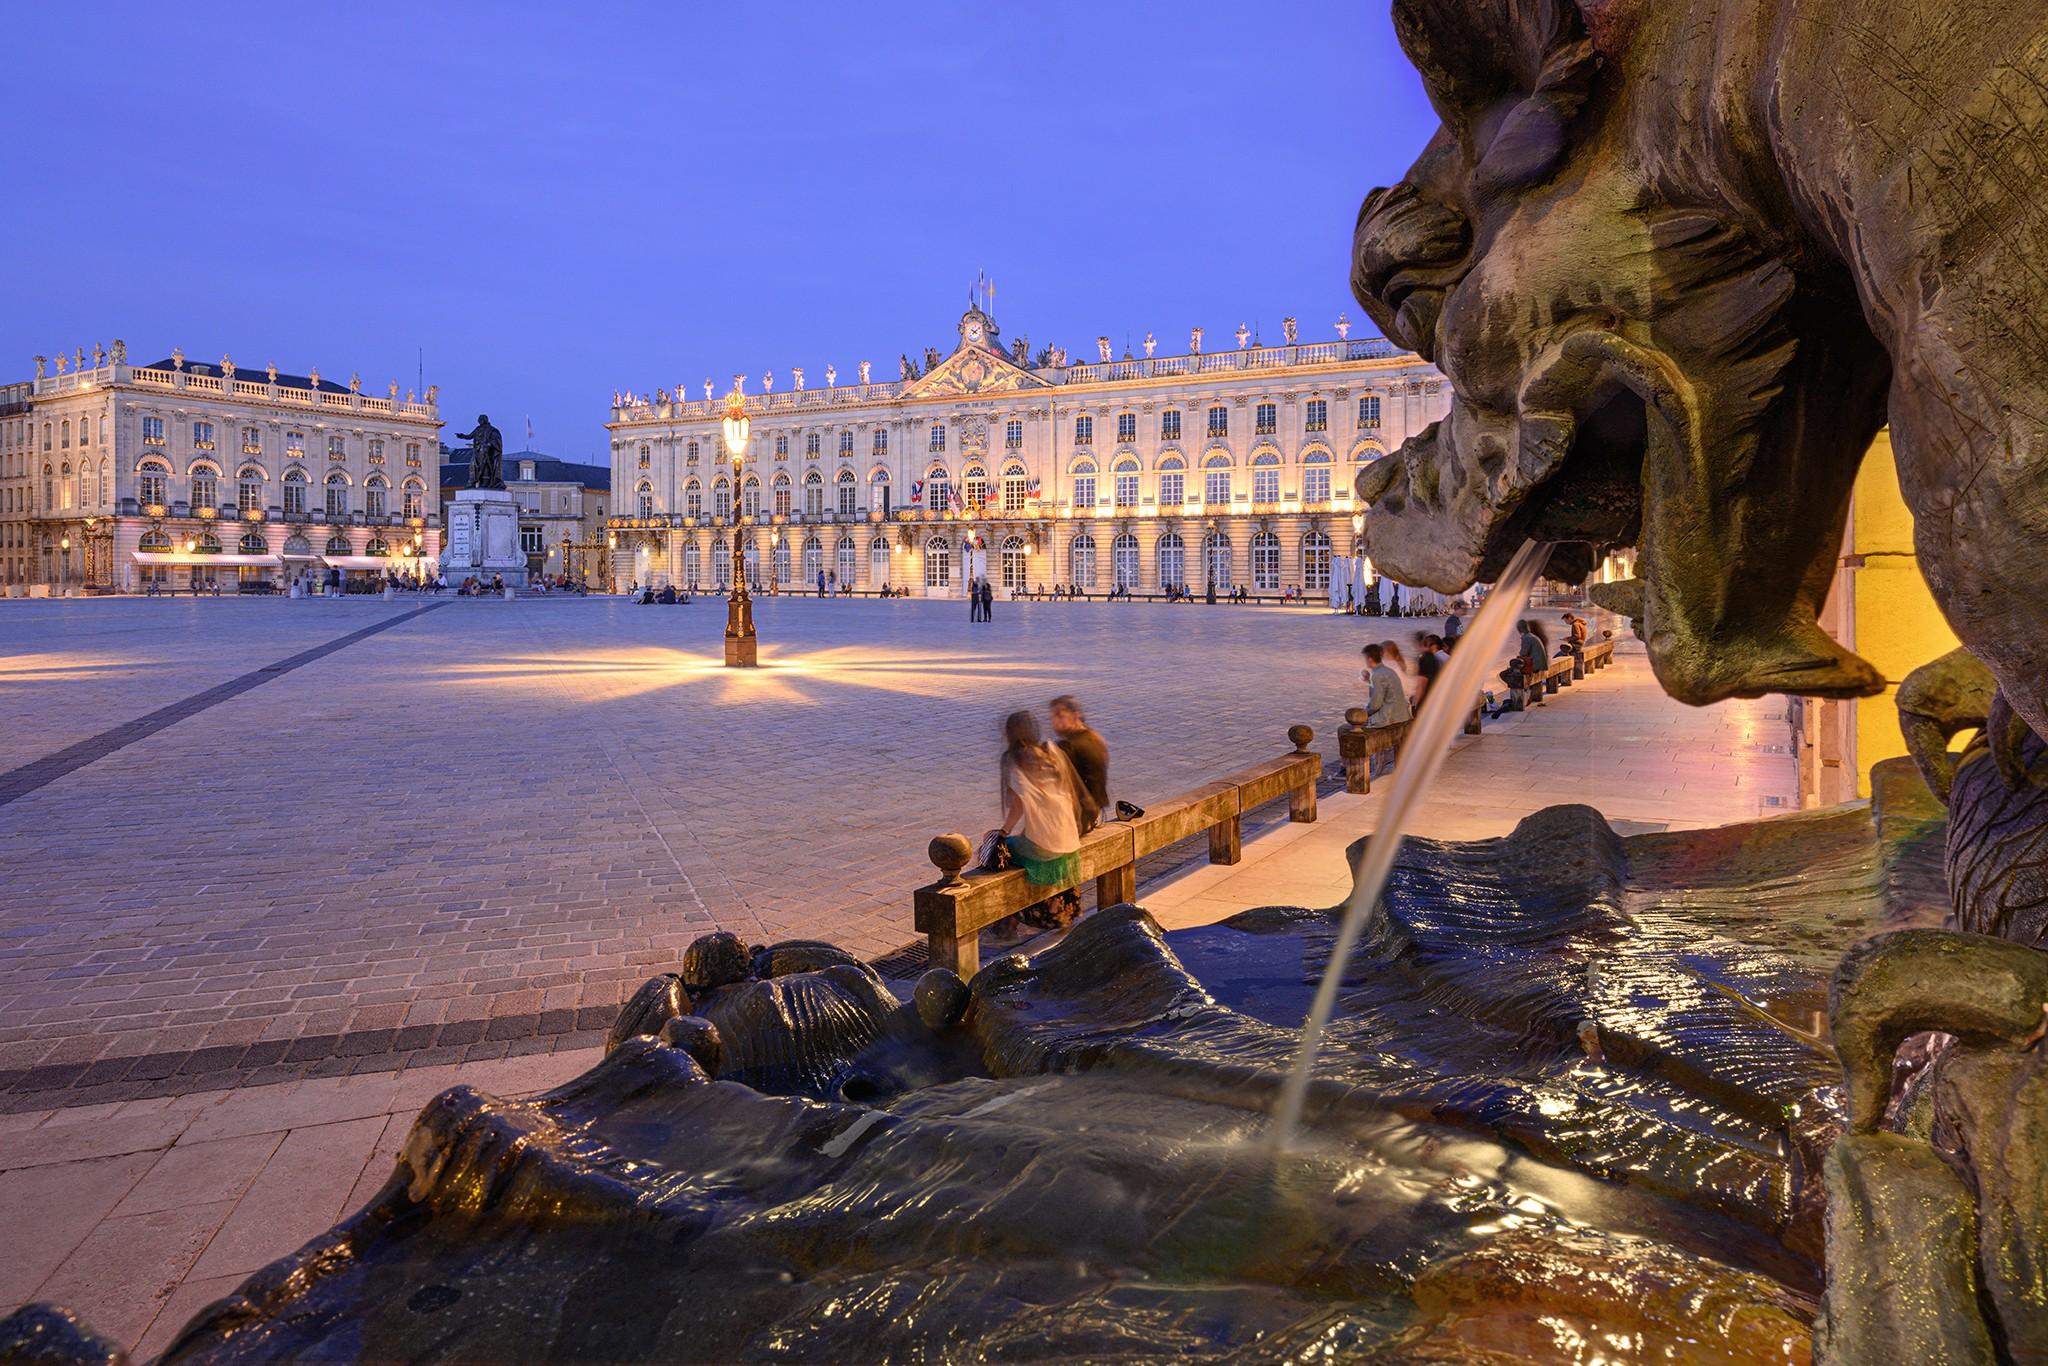 Place Stanislas à Nancy à l'heure bleue et ses fontaines | Lorraine © Pierre ROLIN - Photographe Nancy - Lorraine / Grand Est